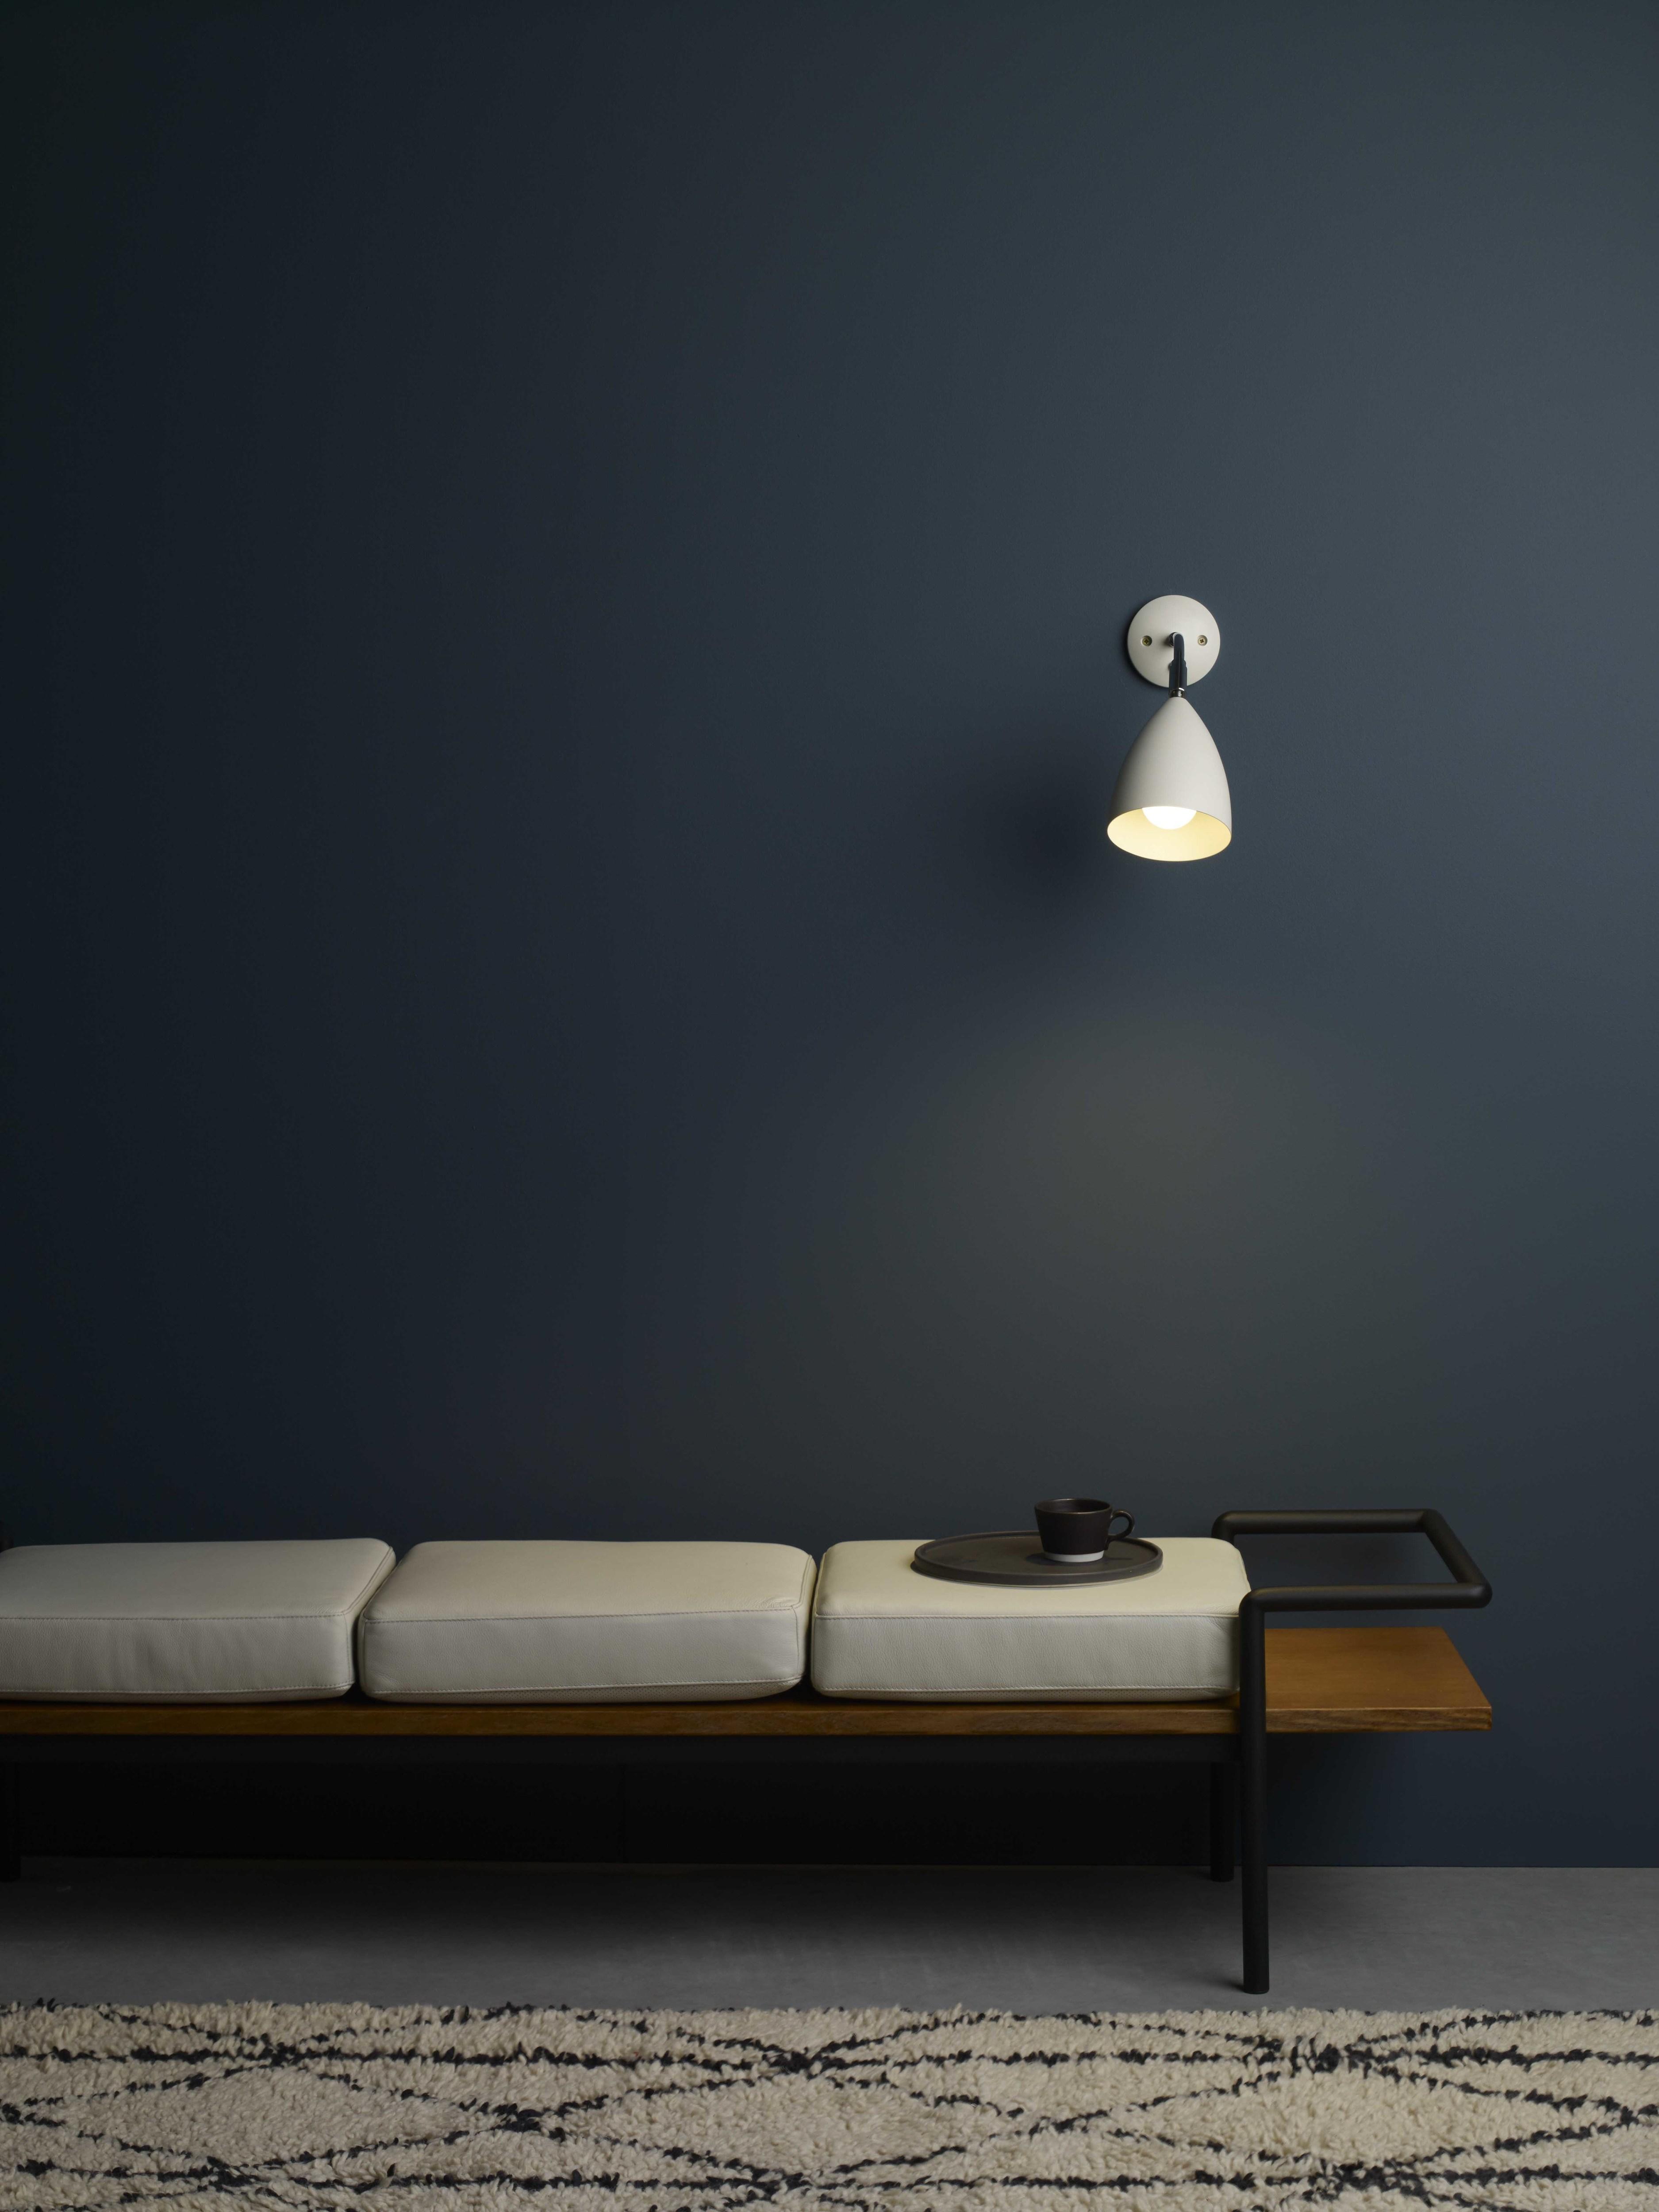 Настенный светильник с регулировкой направления света Astro Joel 1223015 (7158), 1xE27x42W, бежевый, металл - фото 3